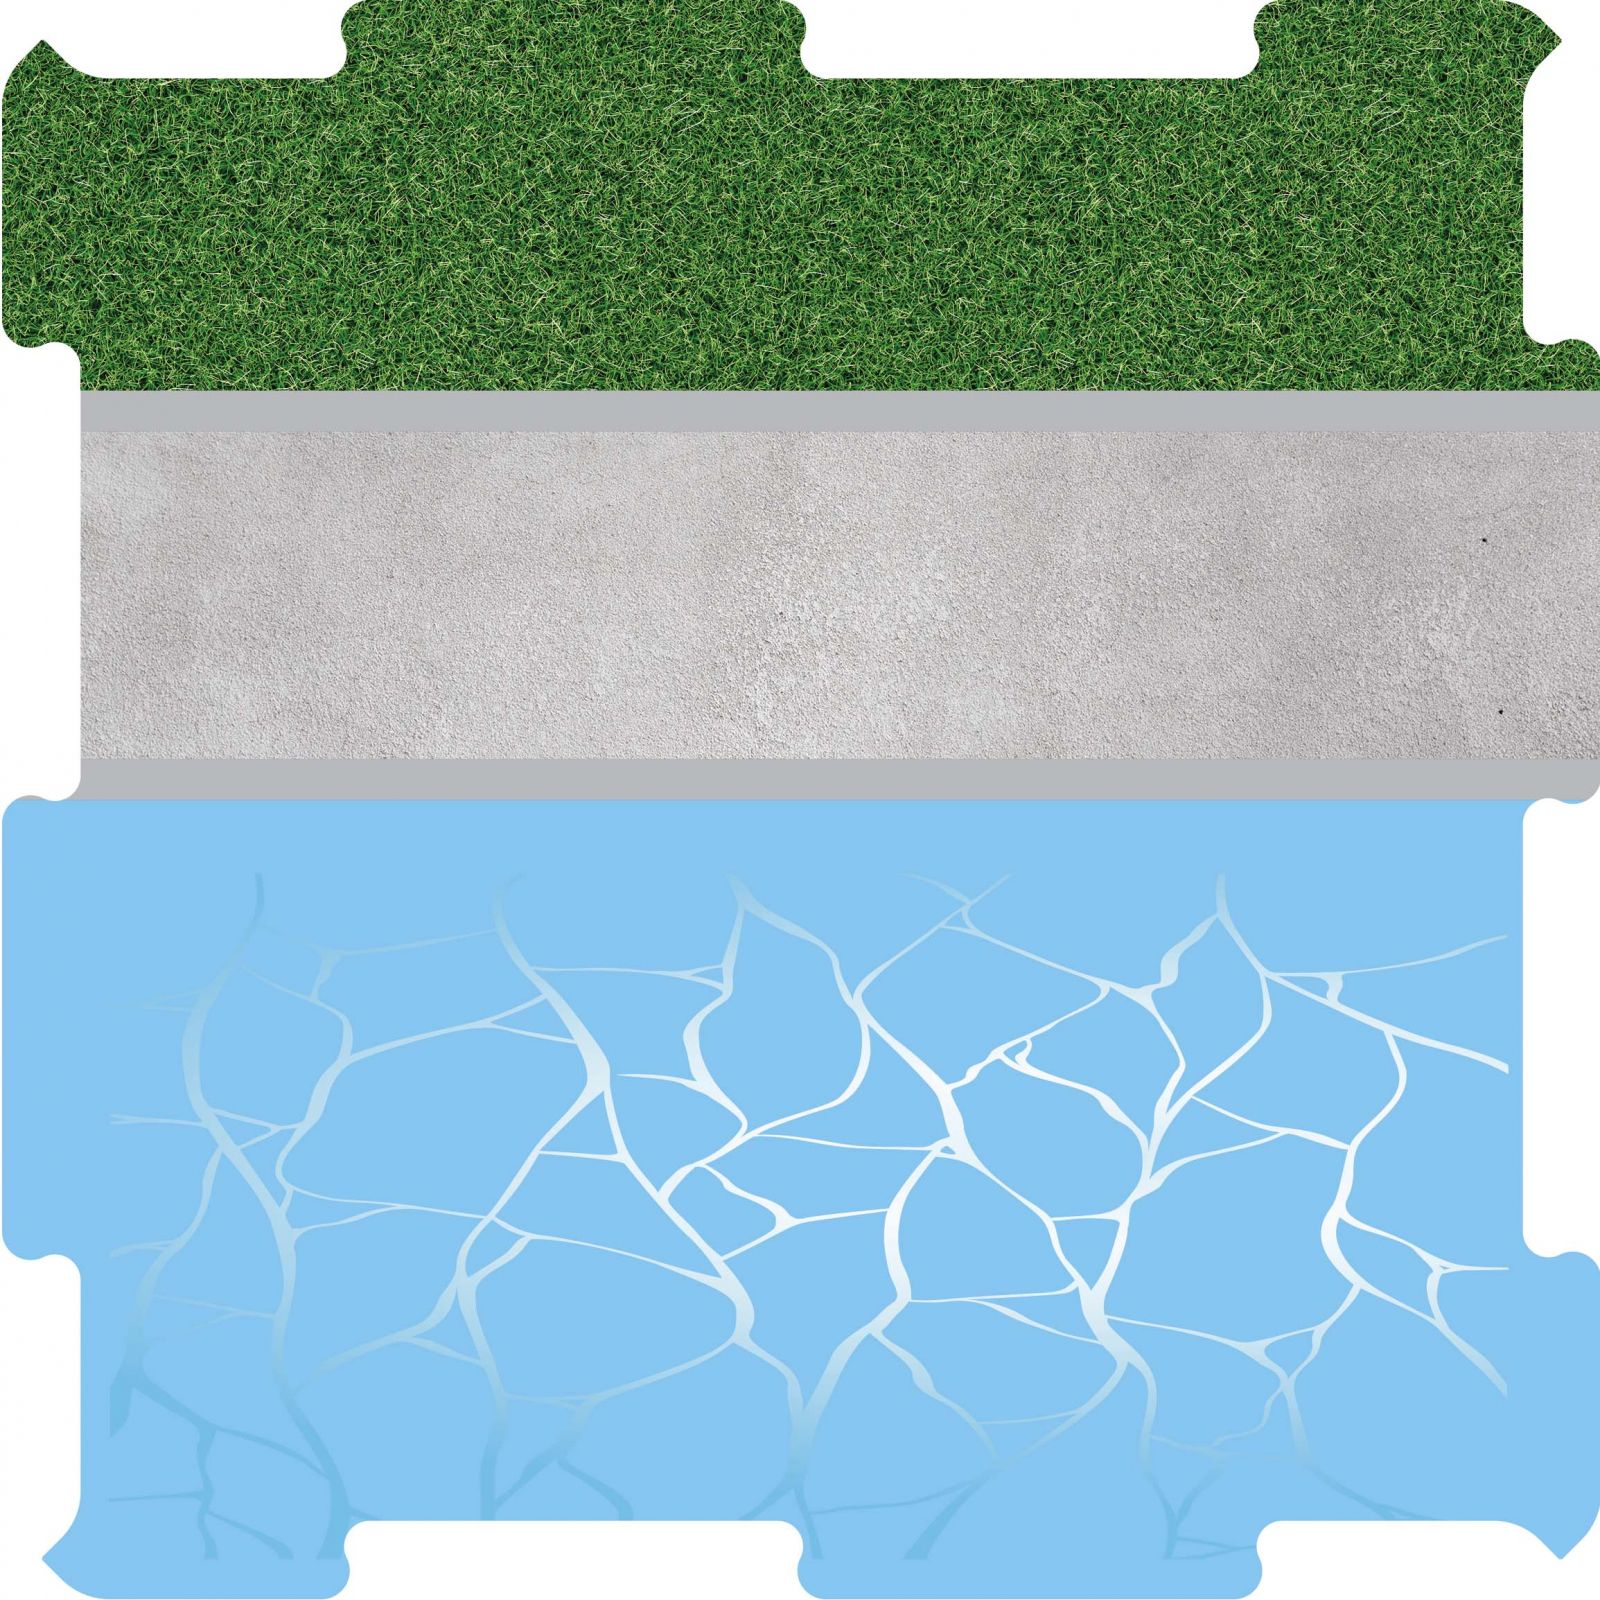 Podlahové puzzle přístav boční díl